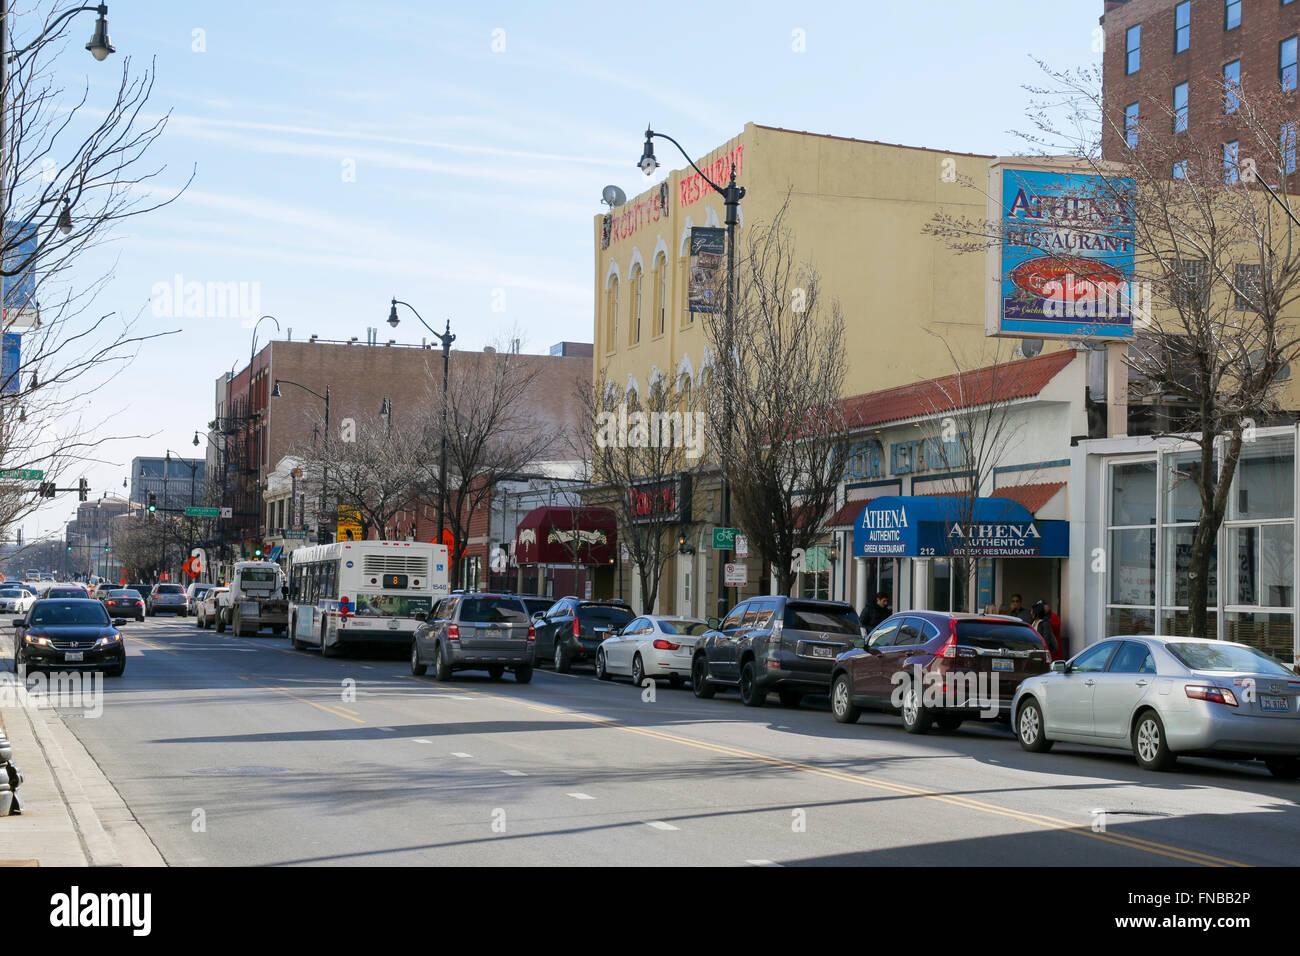 Greektown Chicago Illinois Athena Restaurant Stock Photo